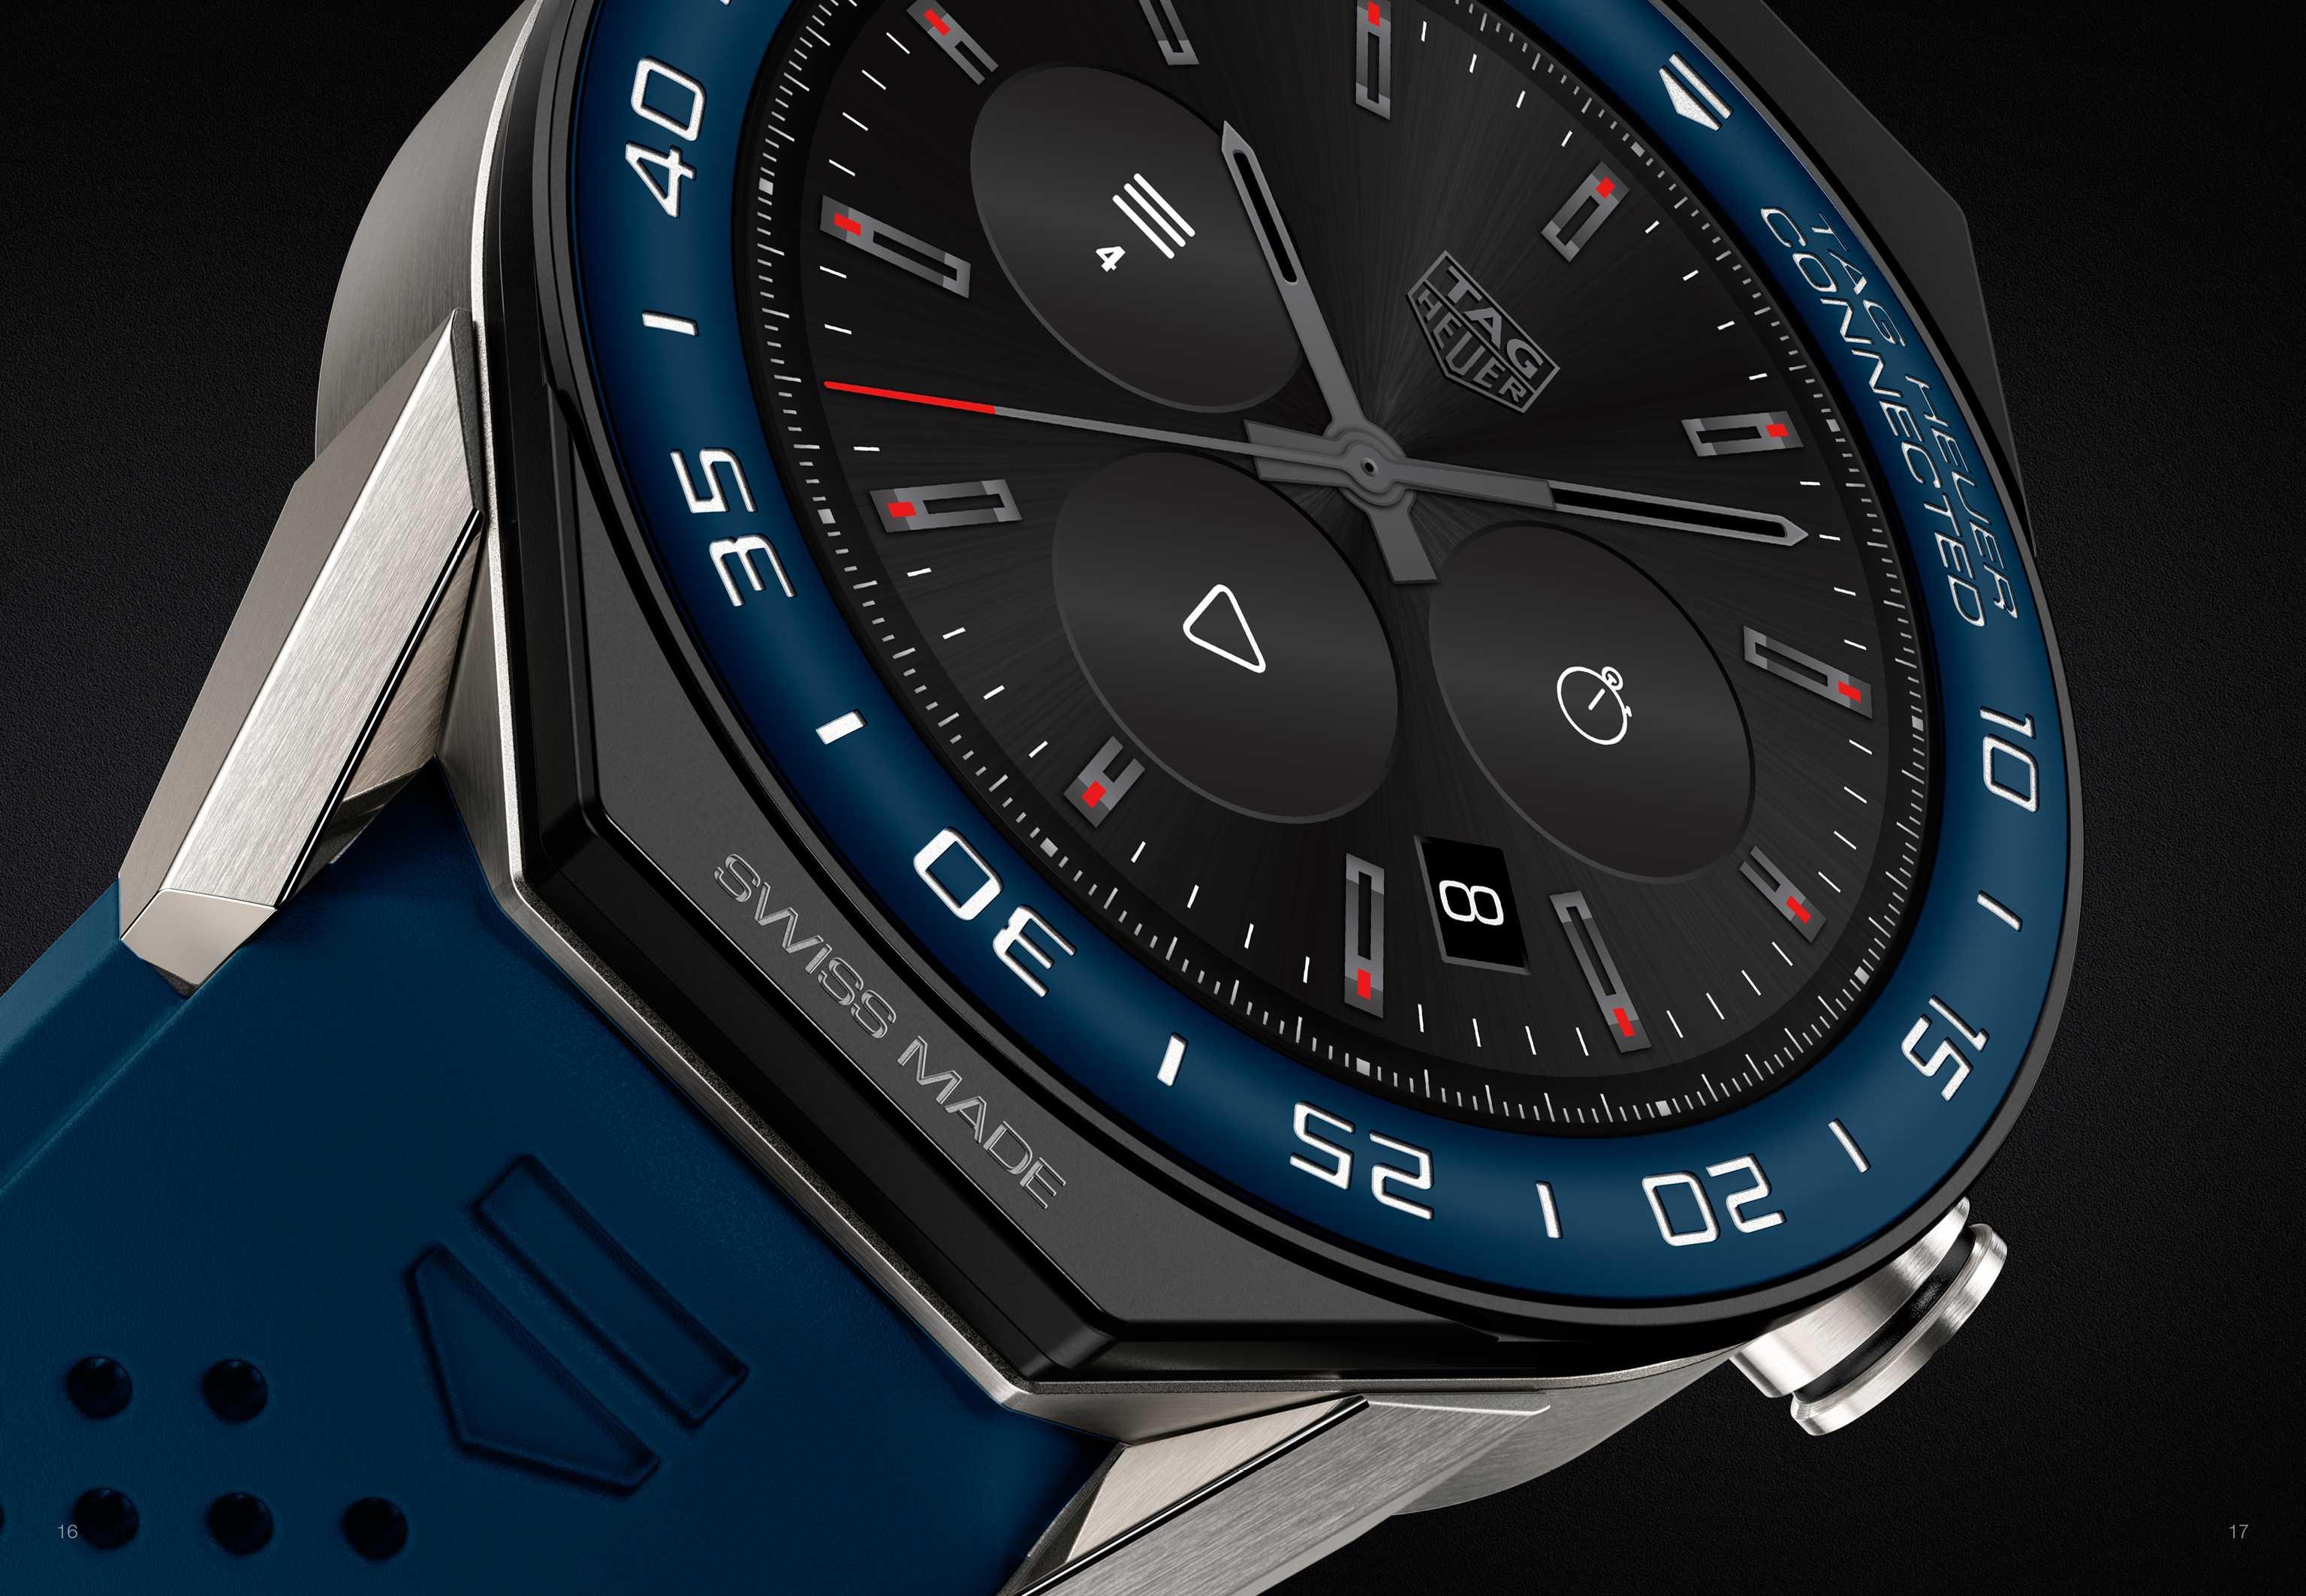 Tag heuer представила третье поколение умных часов tag heuer connected